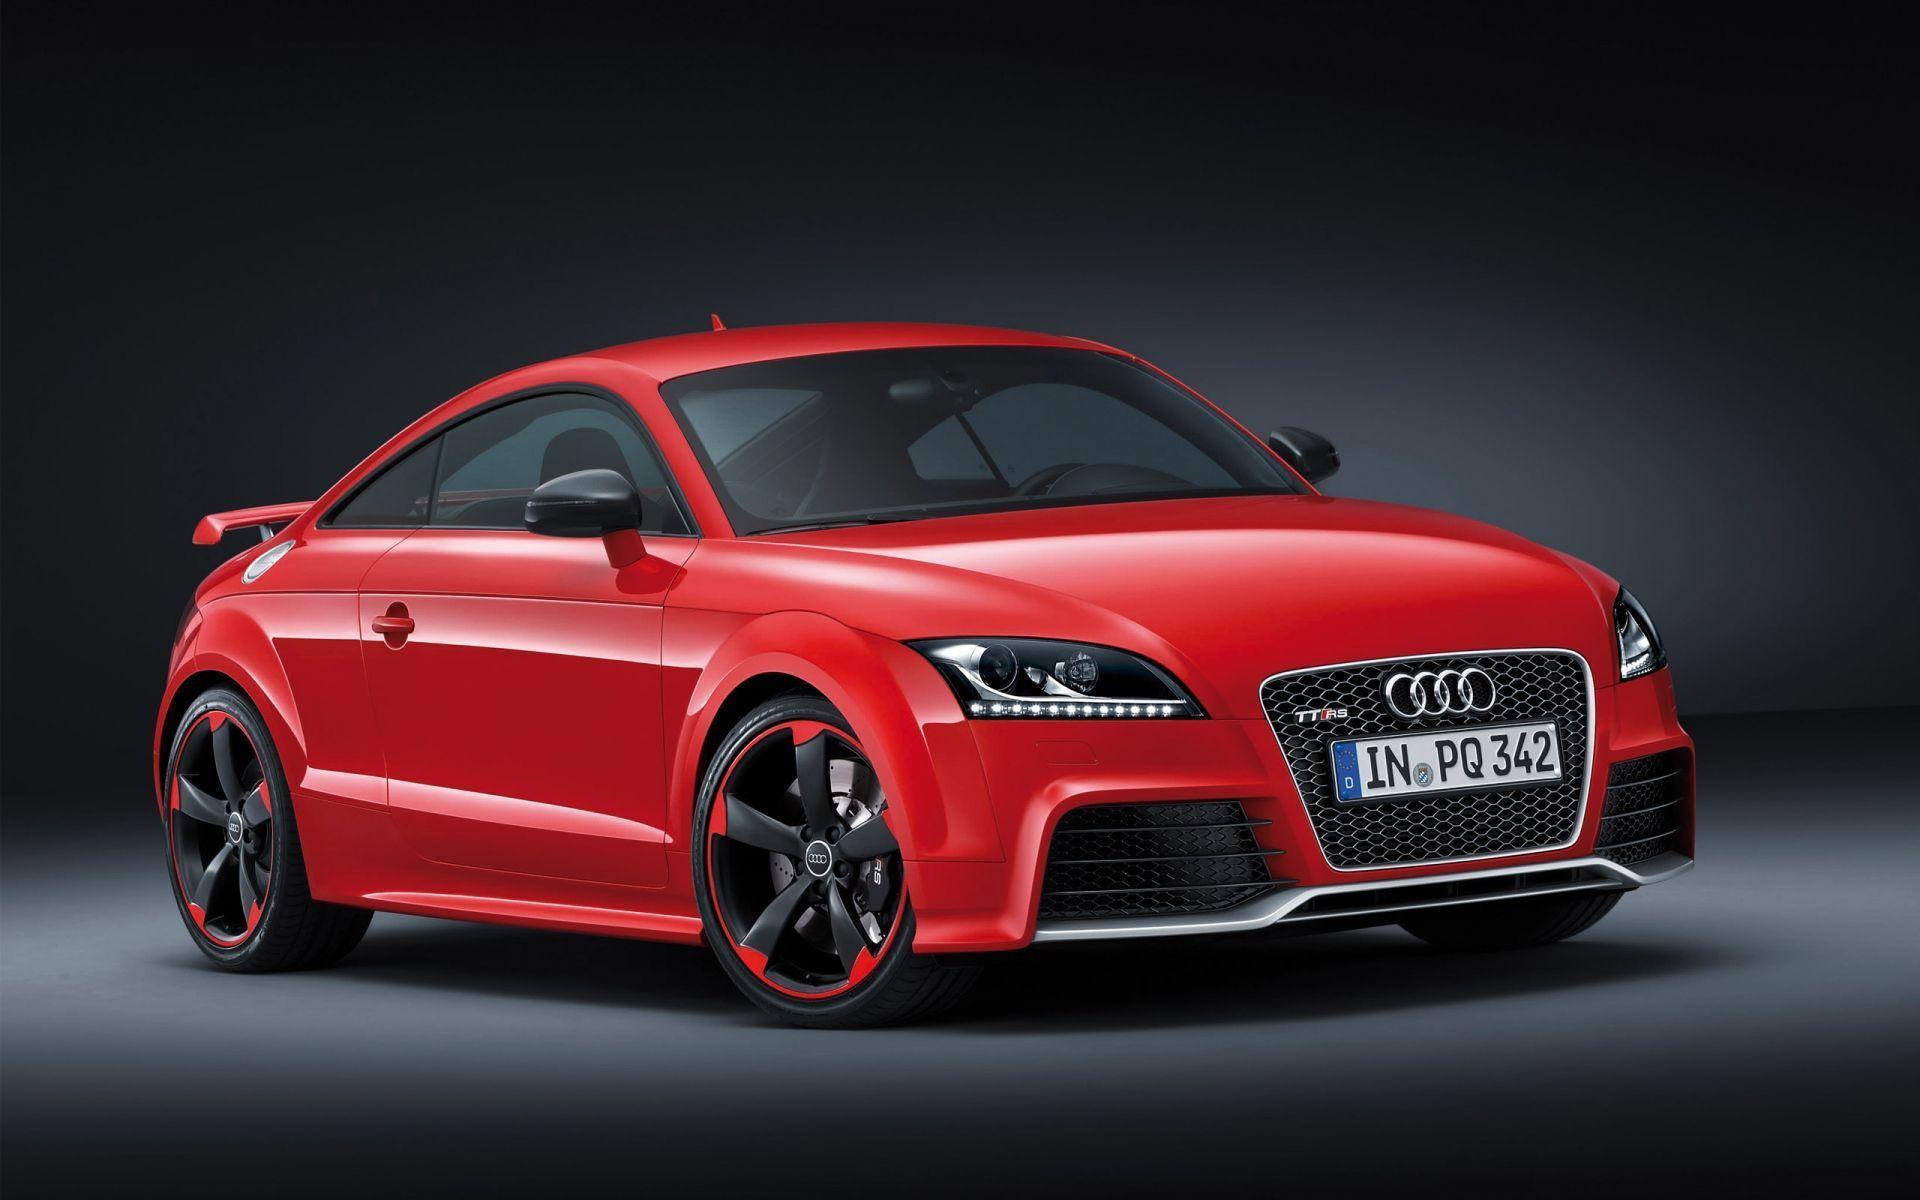 Red Car Wallpapers Wallpaper Cave - Audi car red